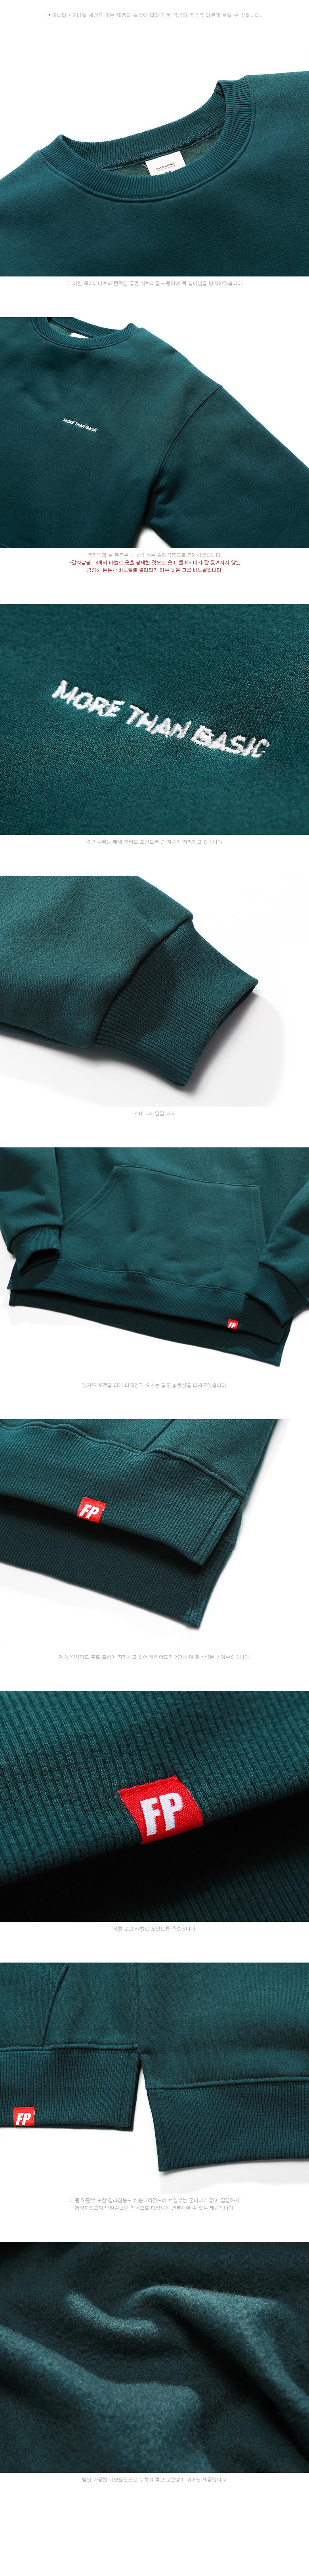 SJMT1198_detail_green_02.jpg